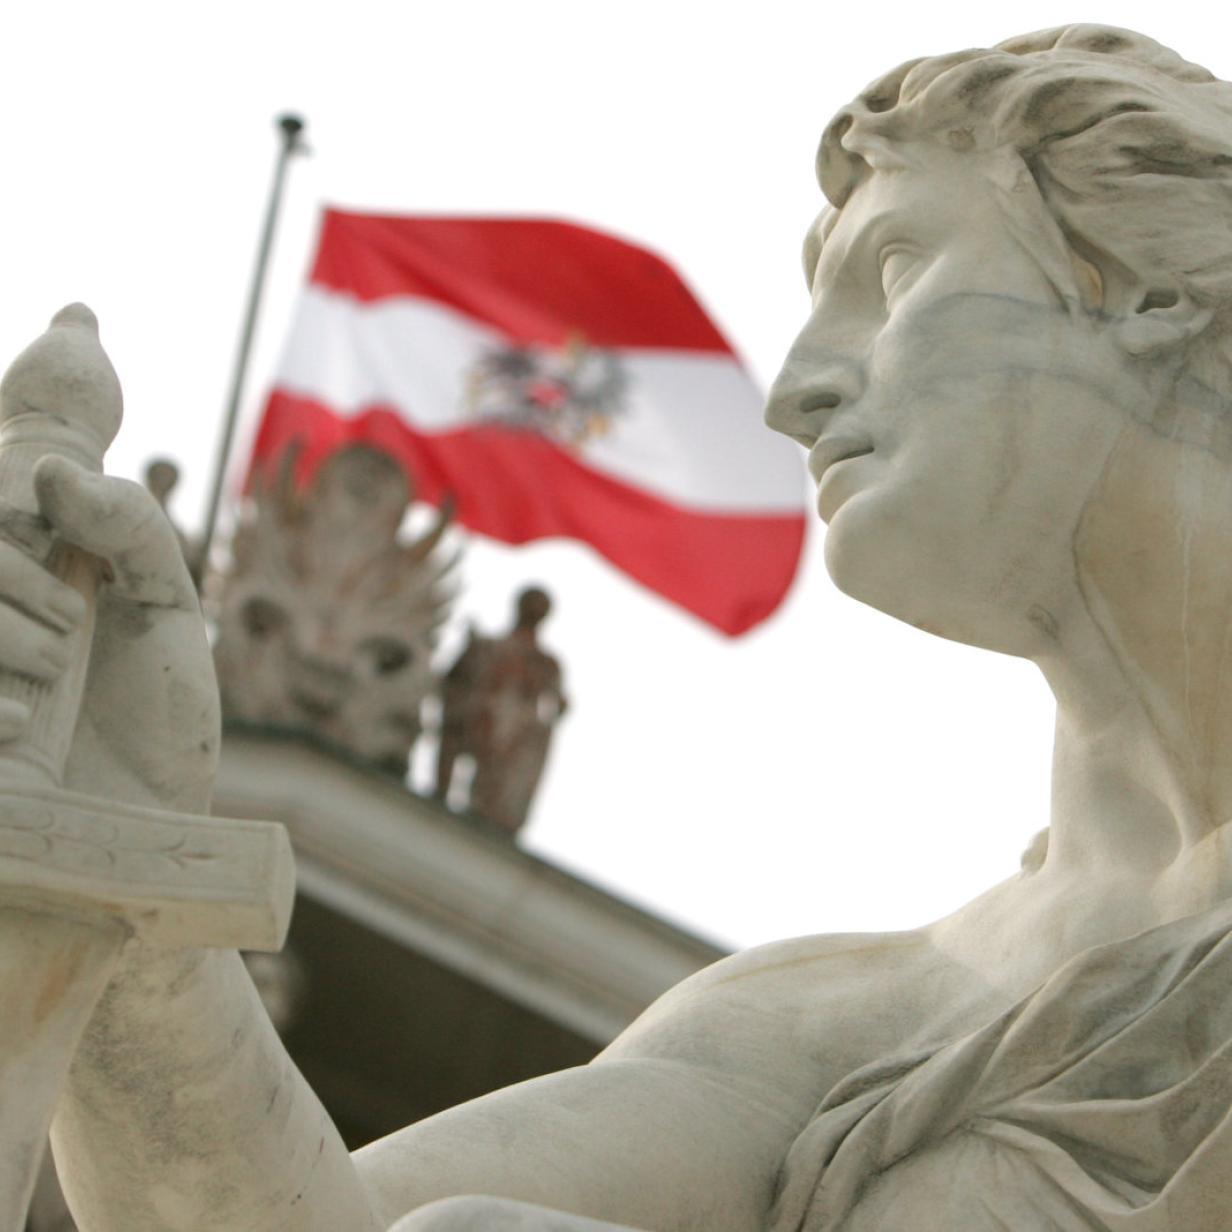 Politik vor Gericht: Nach der Wahl ist vor dem Richter